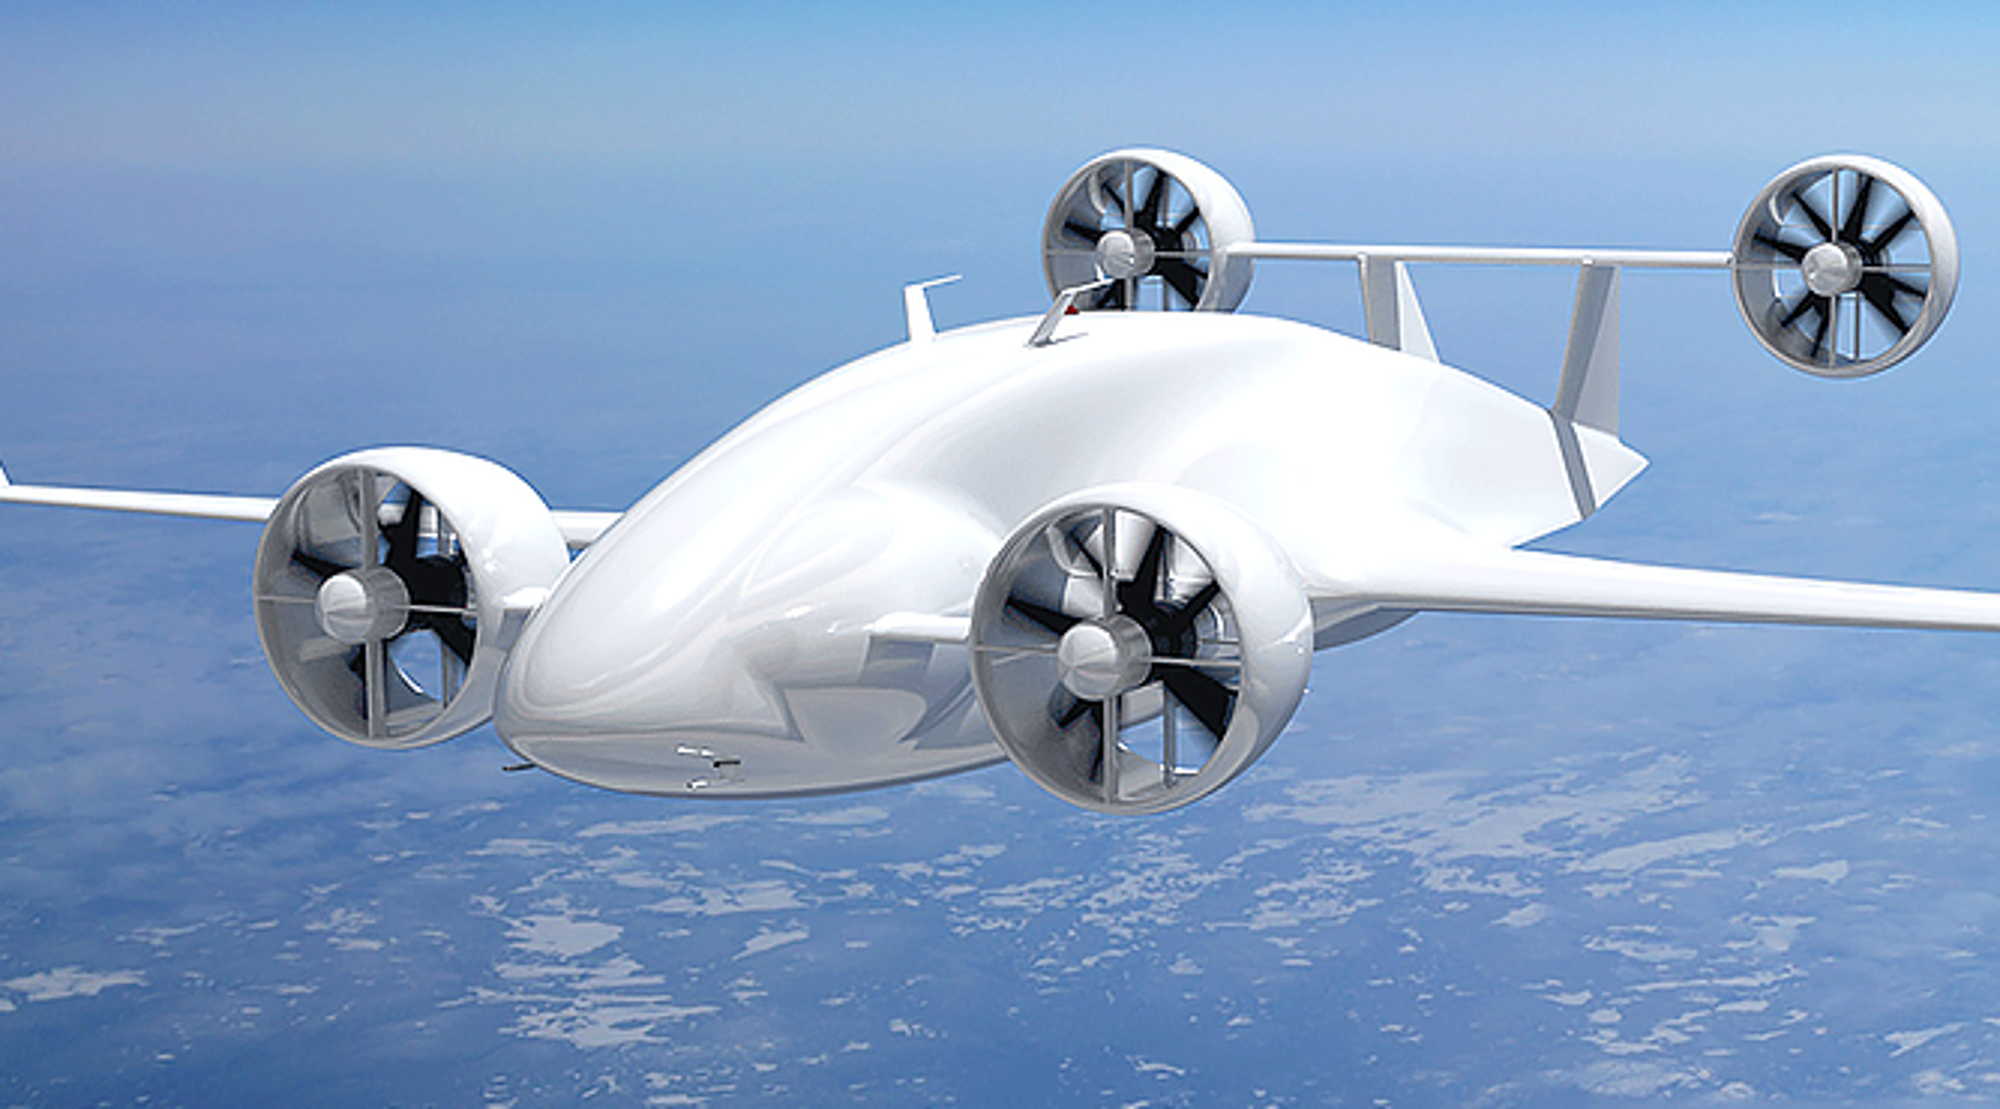 Sabrewings transportdrone skal kunne løfte tungt, fly høyt og fort, og styre unna hindringer på egenhånd.